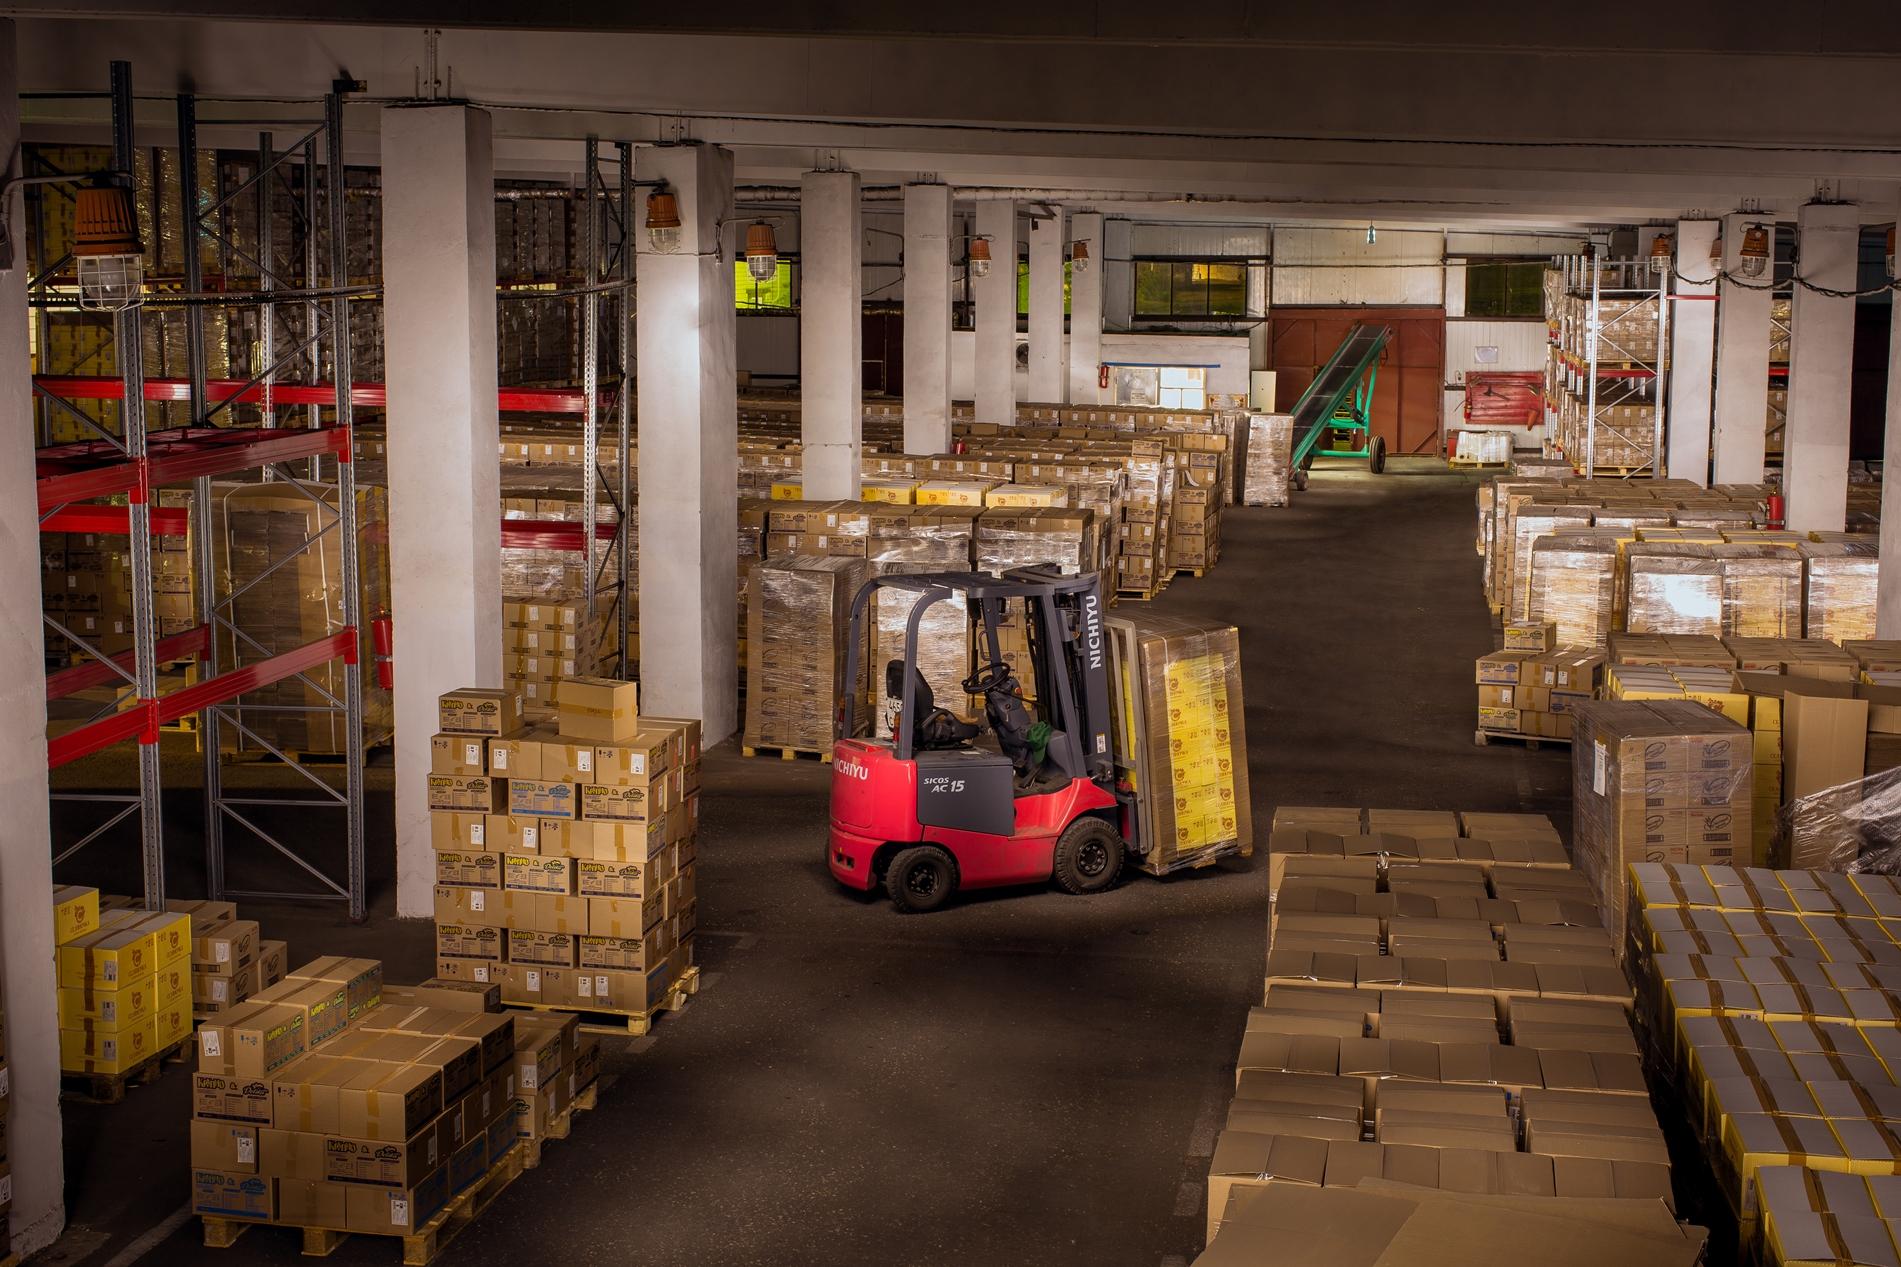 Предприятие Волгоградской области по производству зерновых хлопьев сократило время протекания процесса на 80%